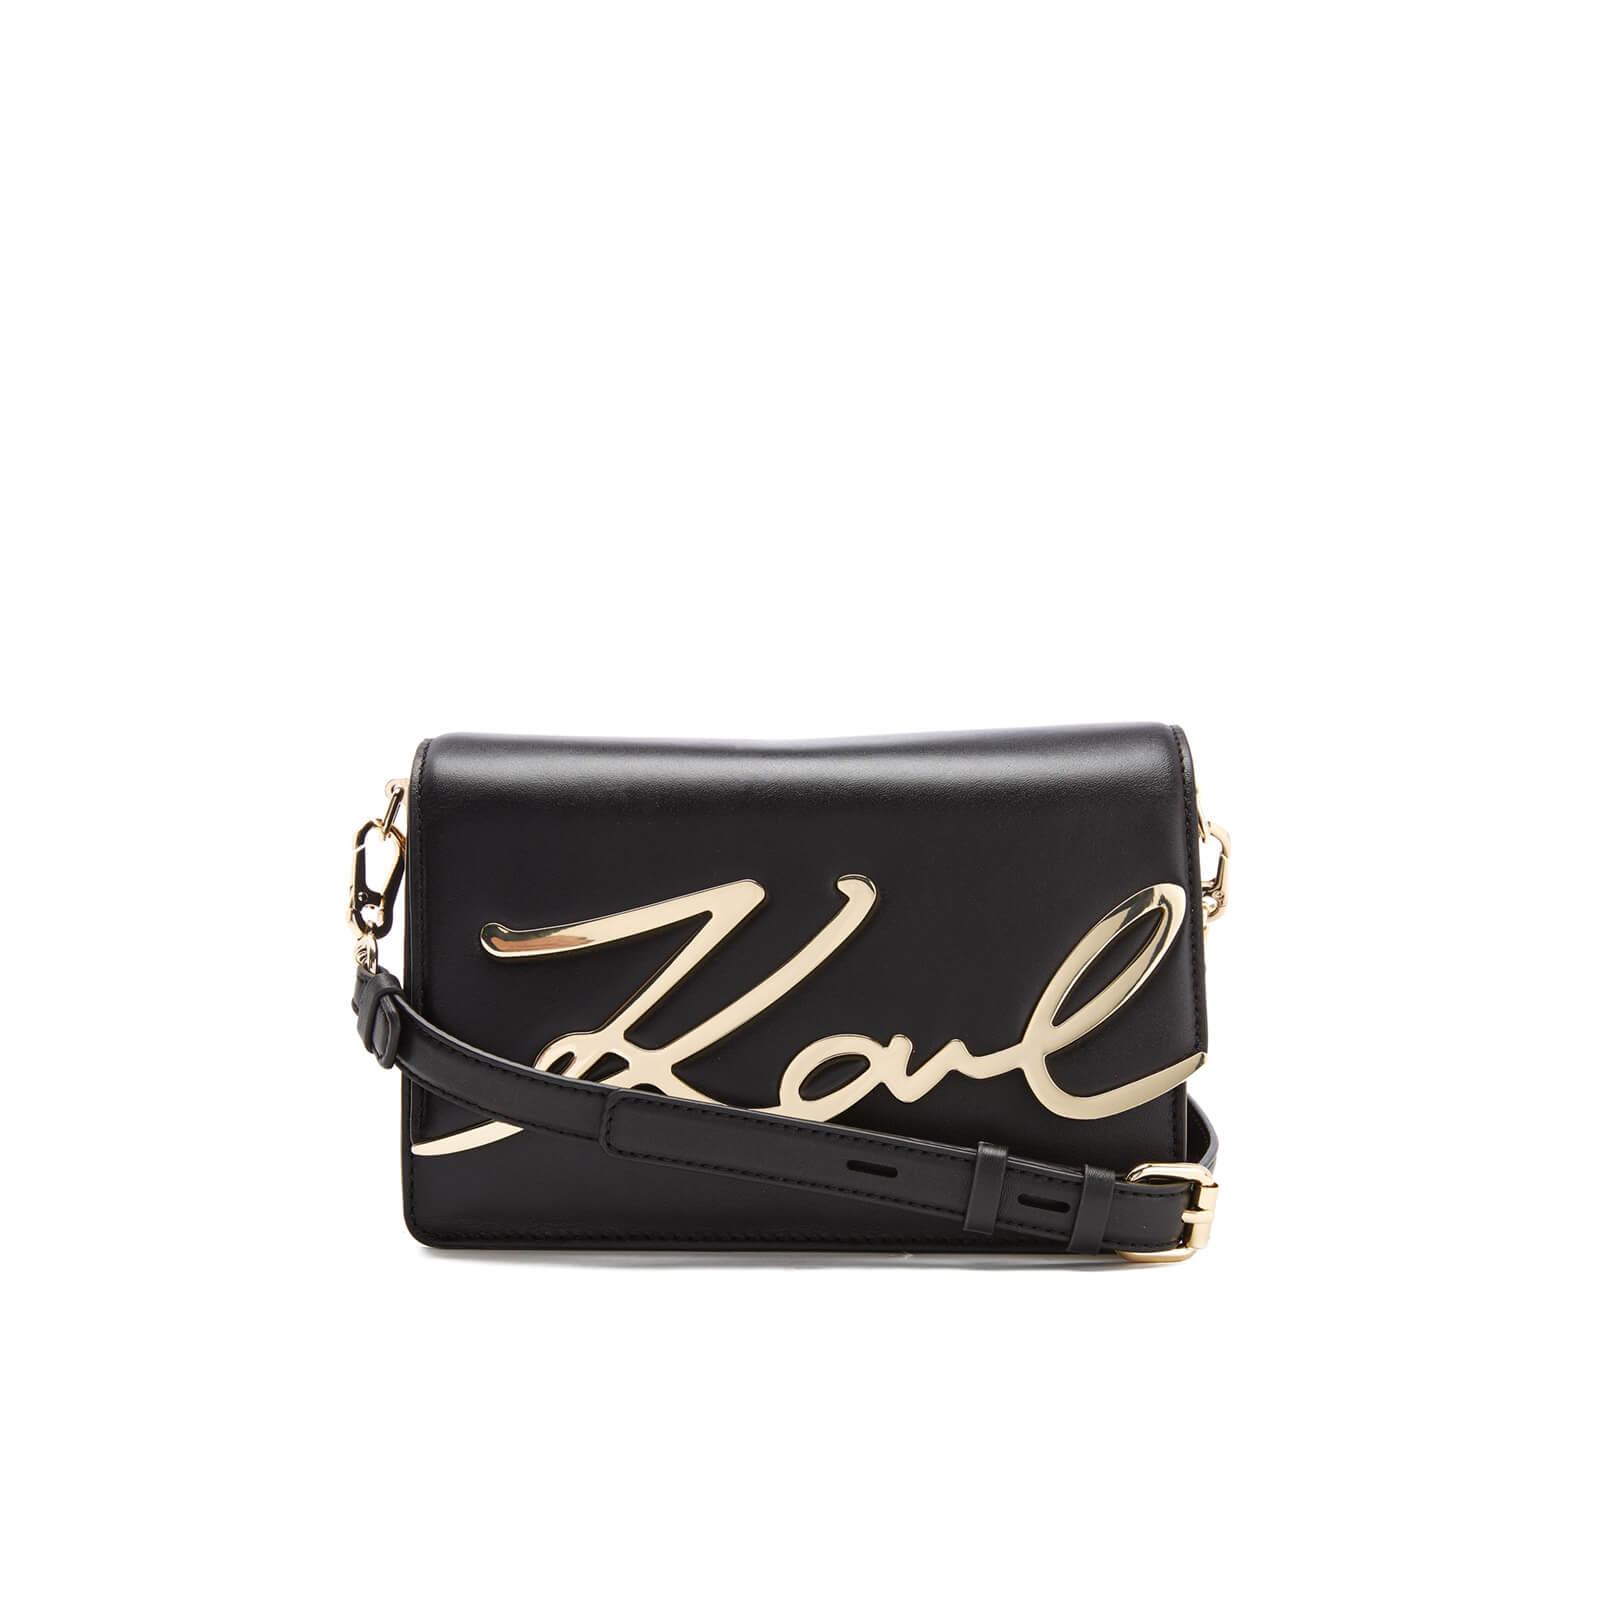 8316792662 Karl Lagerfeld Women s K Metal Signature Shoulder Bag - Black - Free UK  Delivery over £50